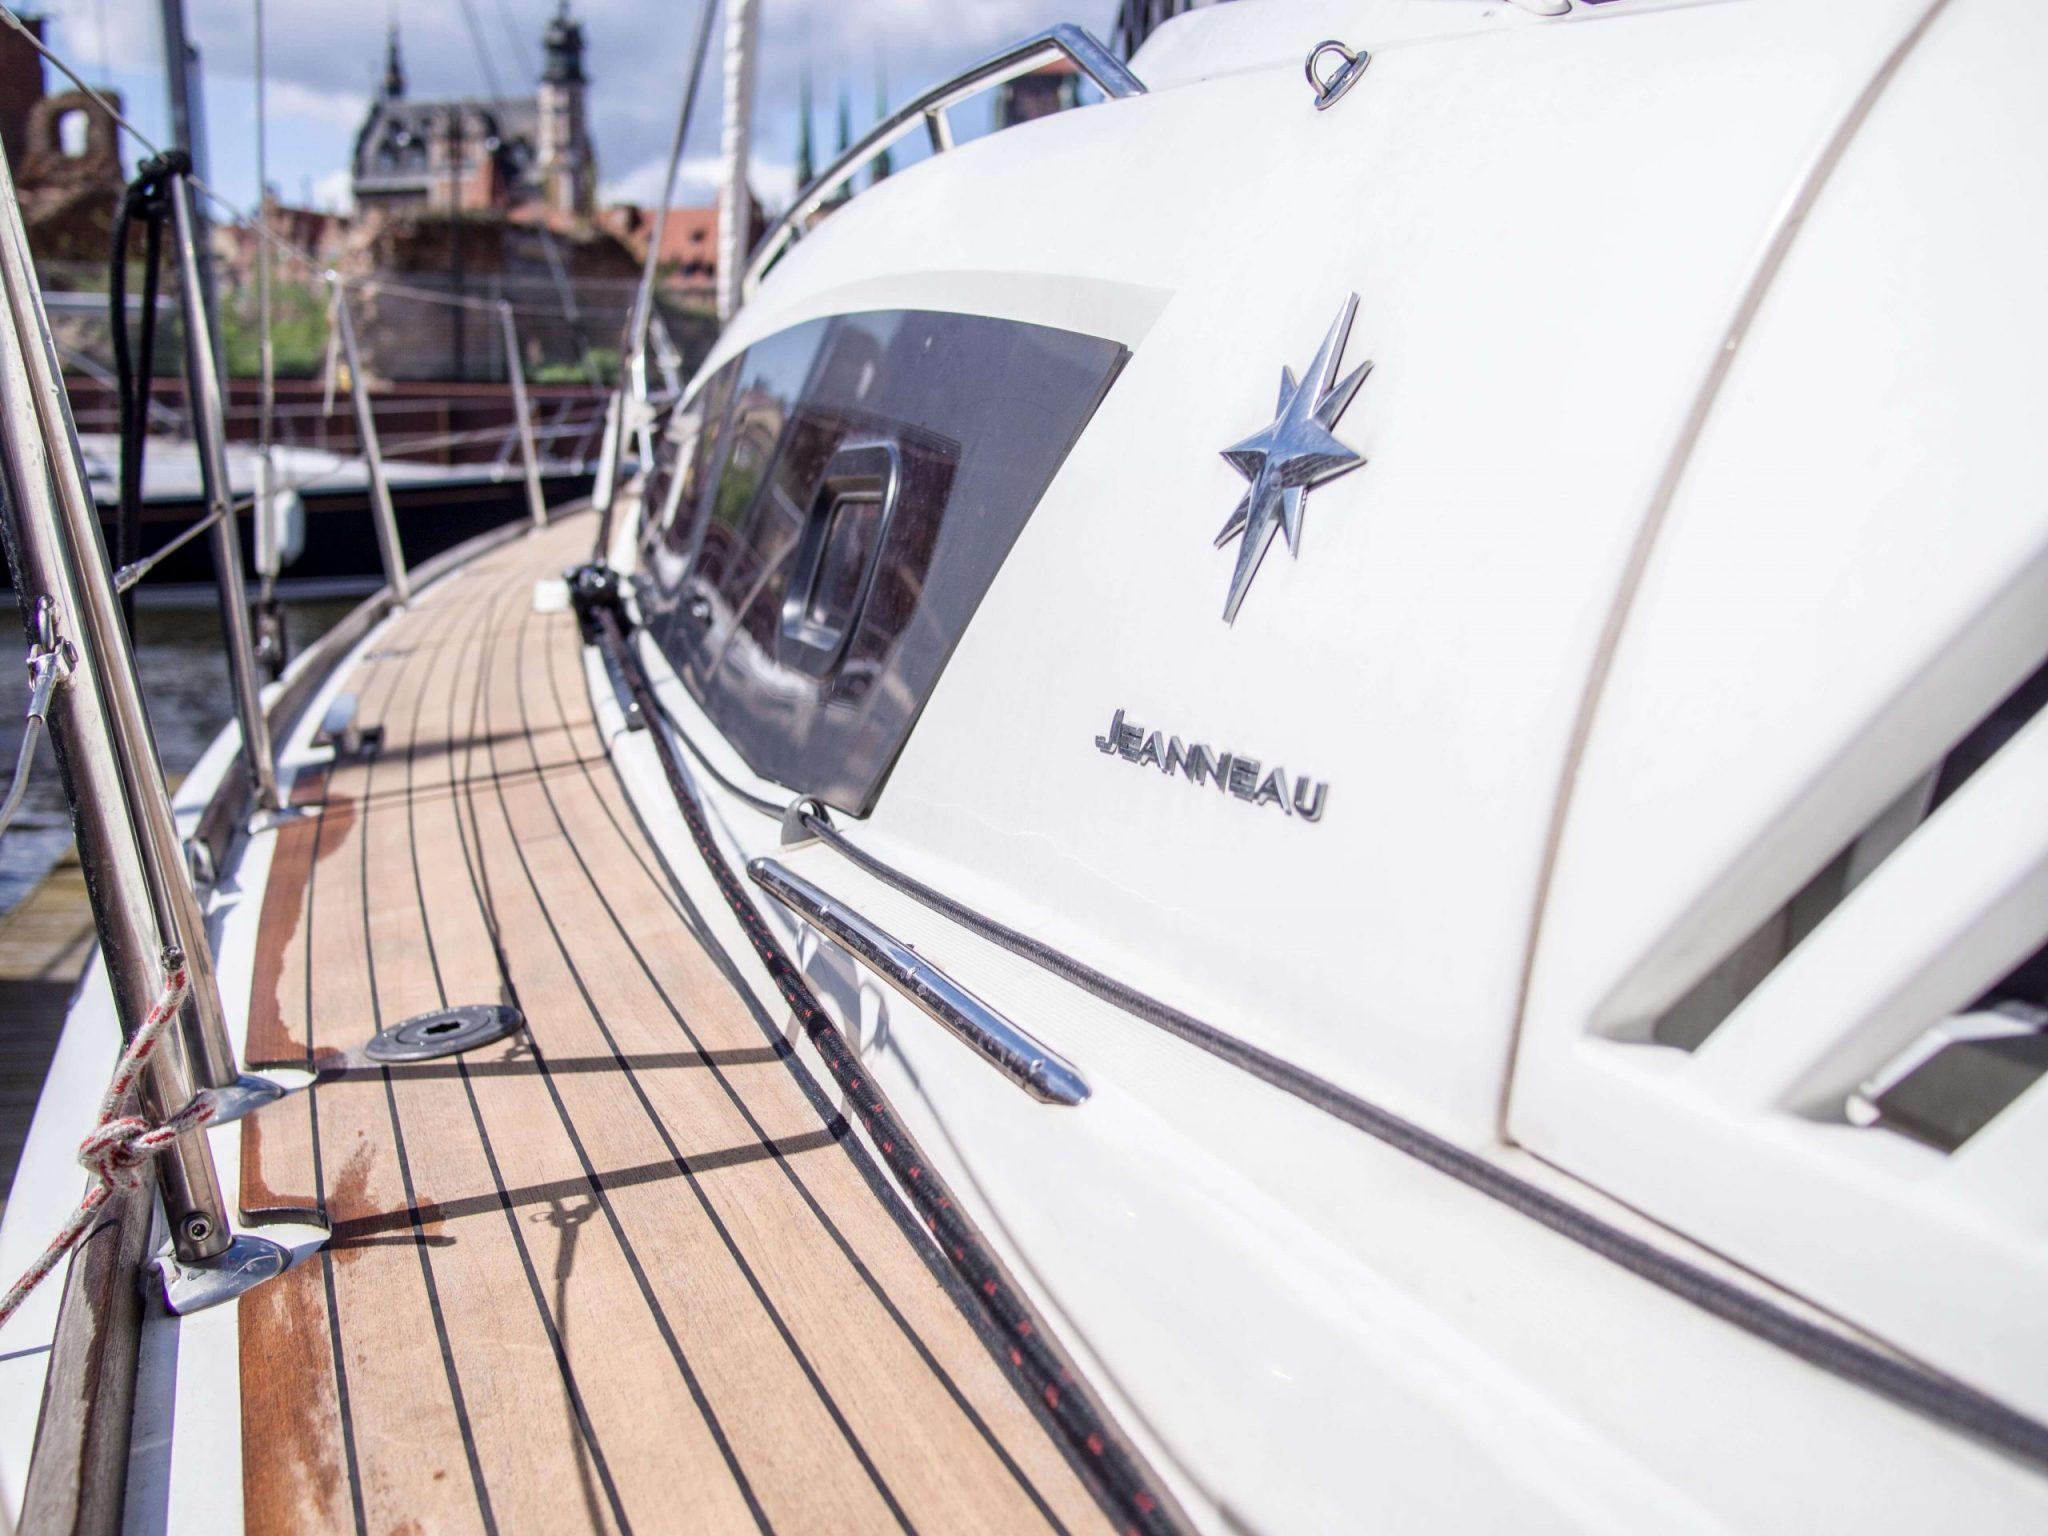 Volvo Gdynia Sailing Days6 wodne atrakcje 21 scaled - Pomorskie z wody